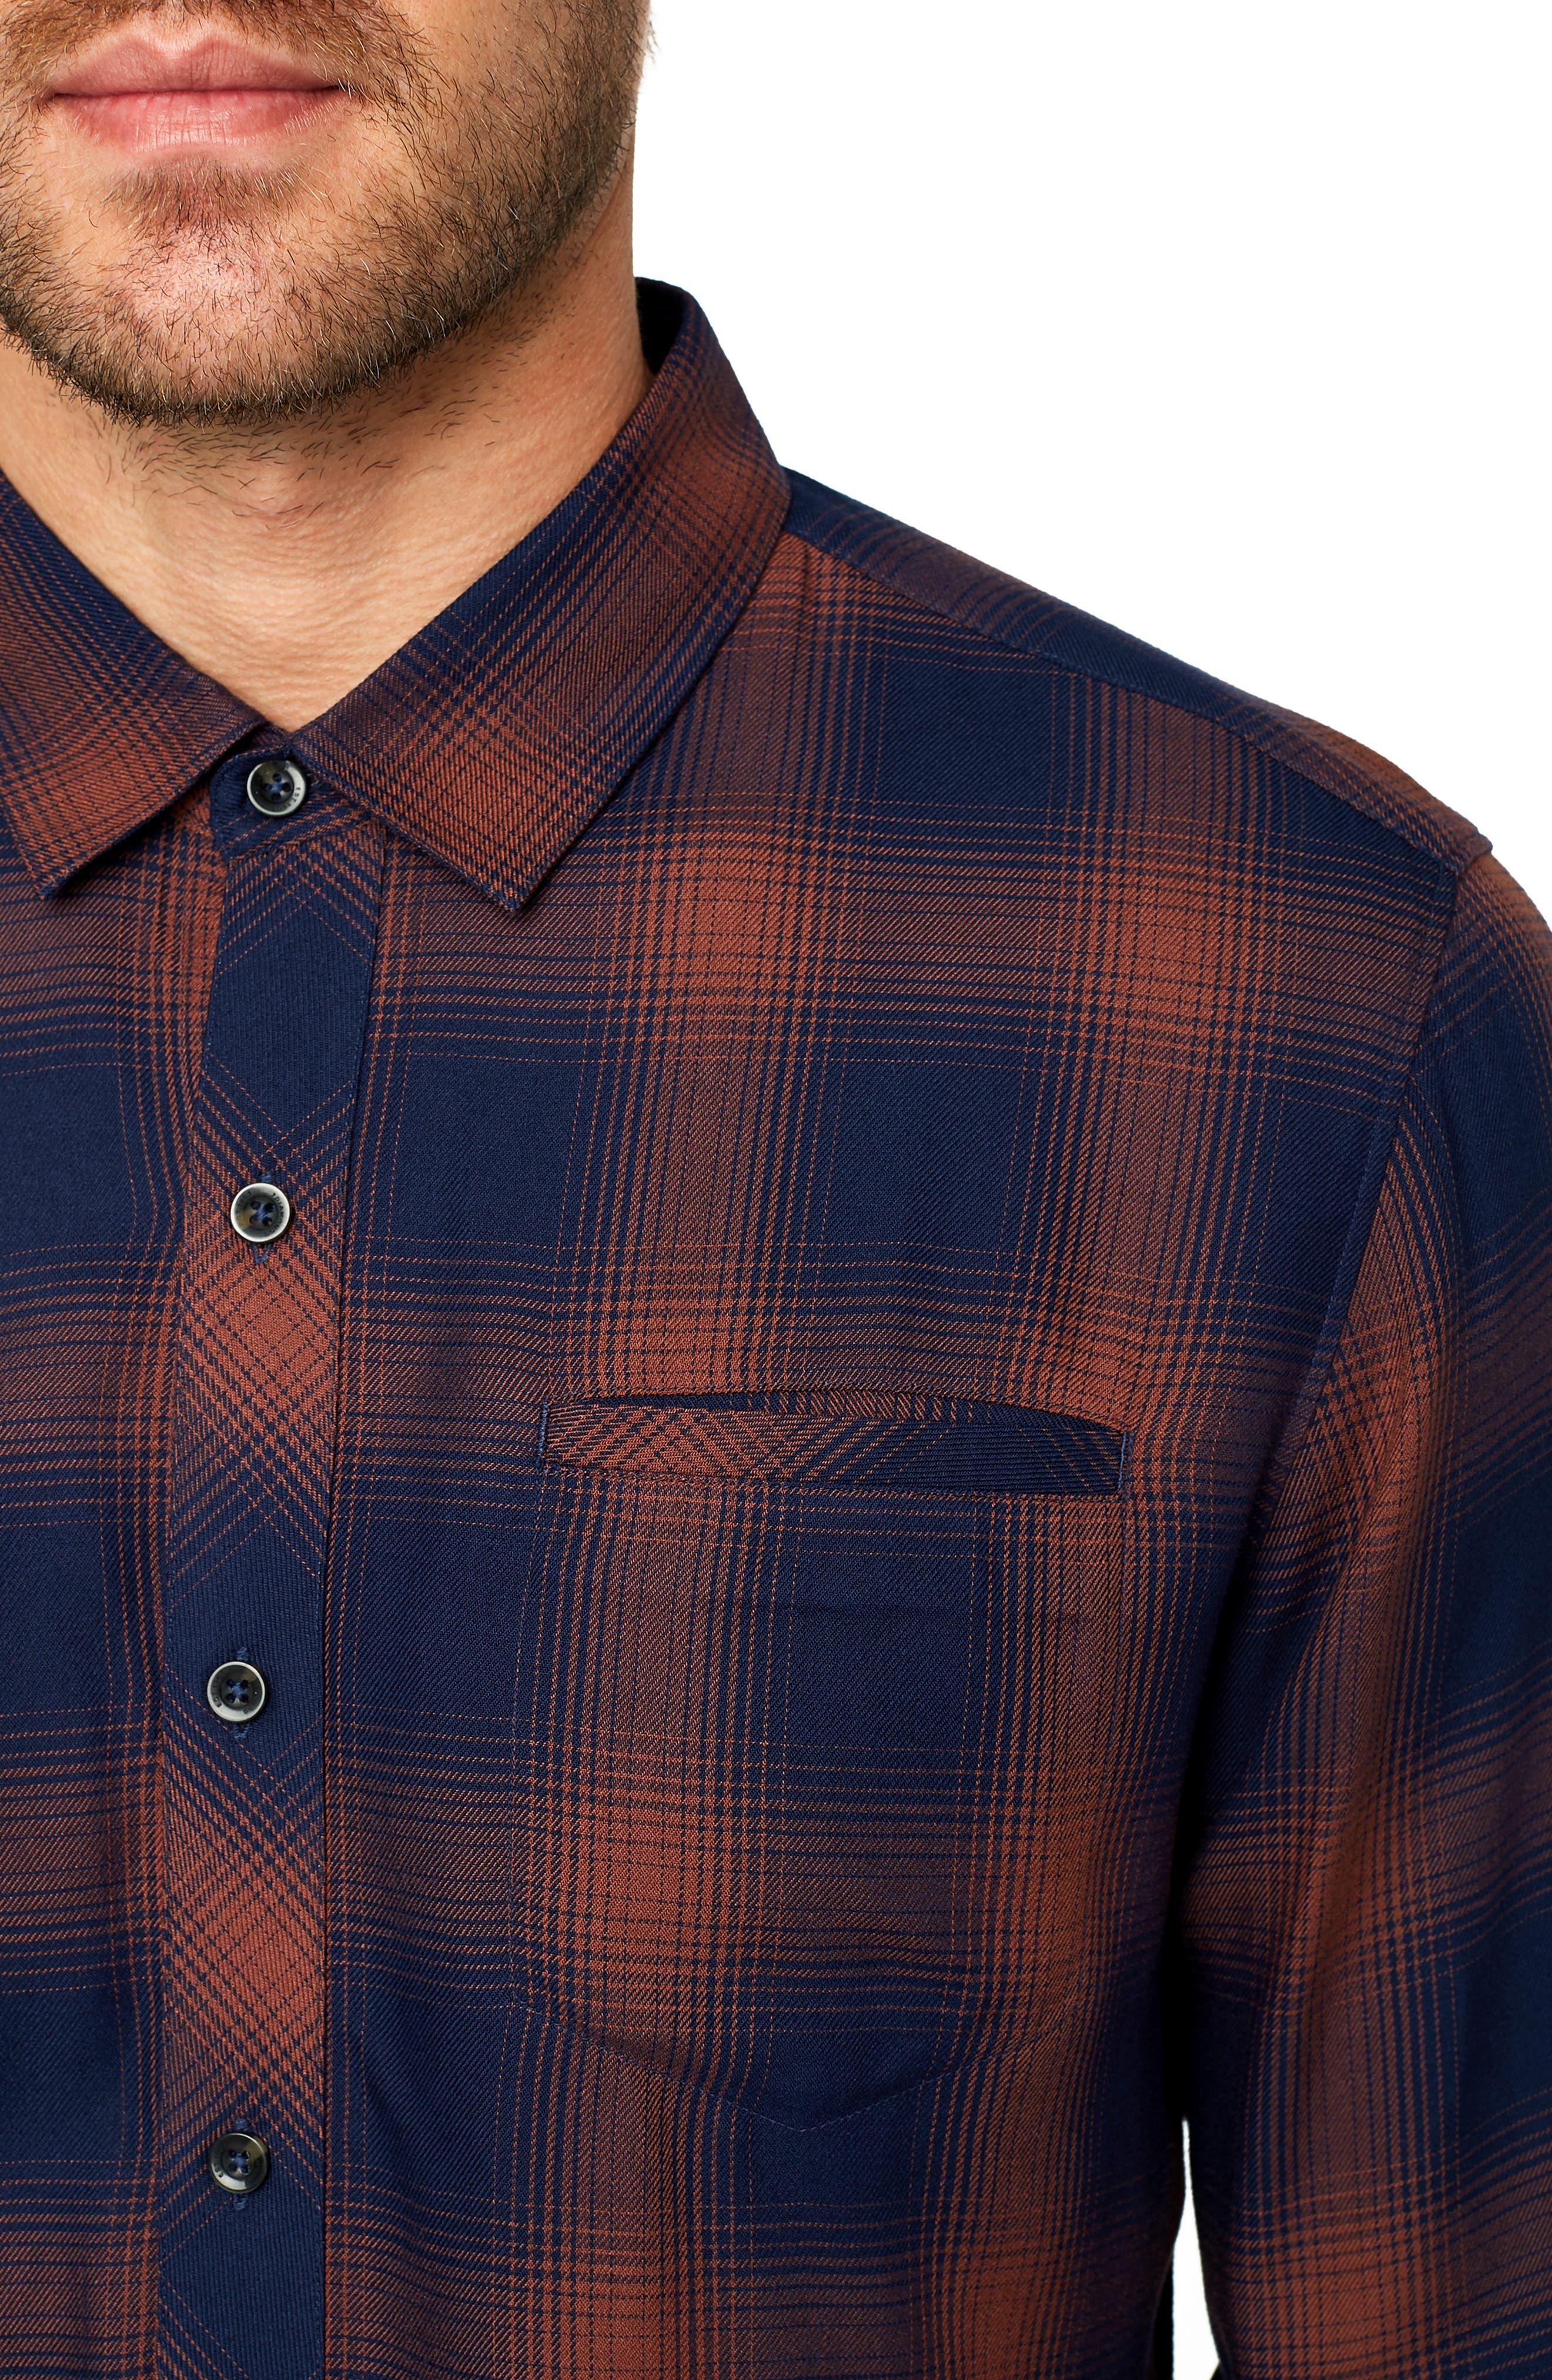 Ewan Trim Fit Flannel Shirt,                             Alternate thumbnail 2, color,                             NAVY CHESTNUT